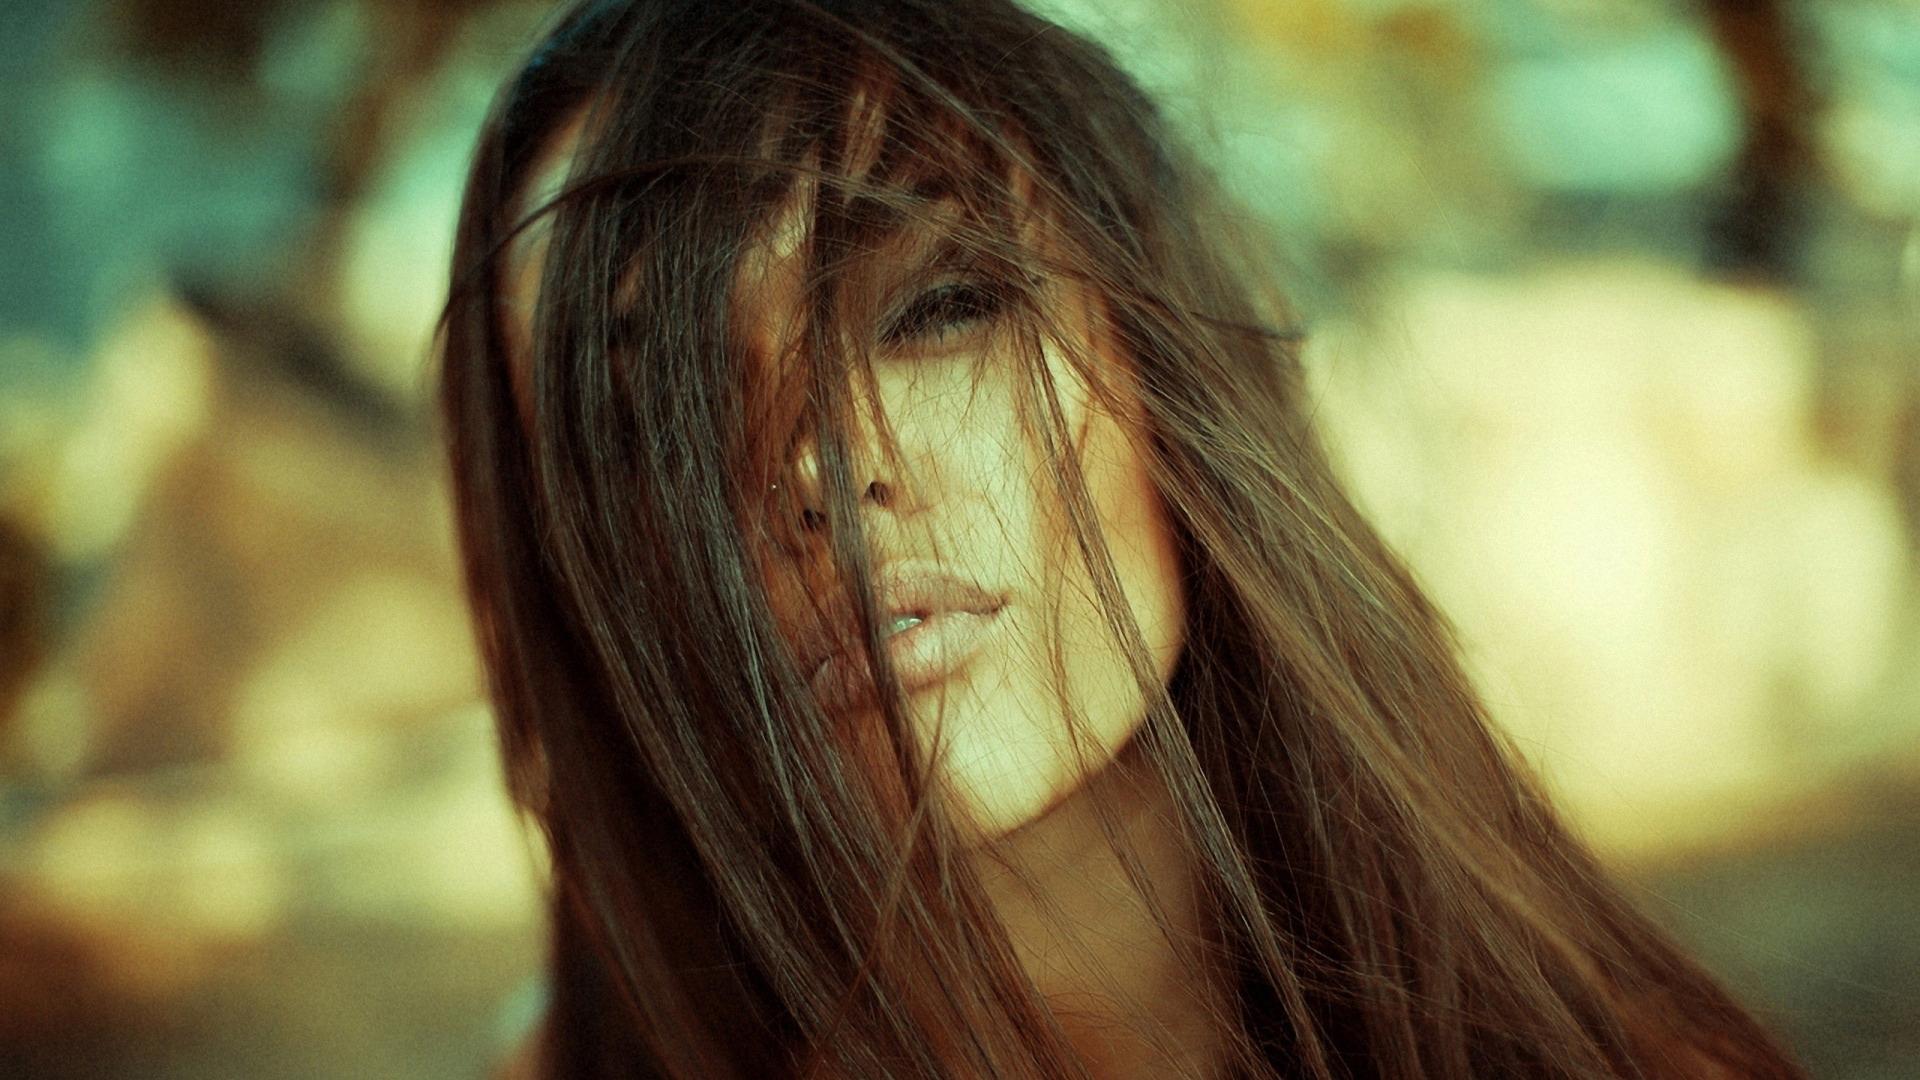 Фото красивой девушке брюнетки одной и той же 26 фотография